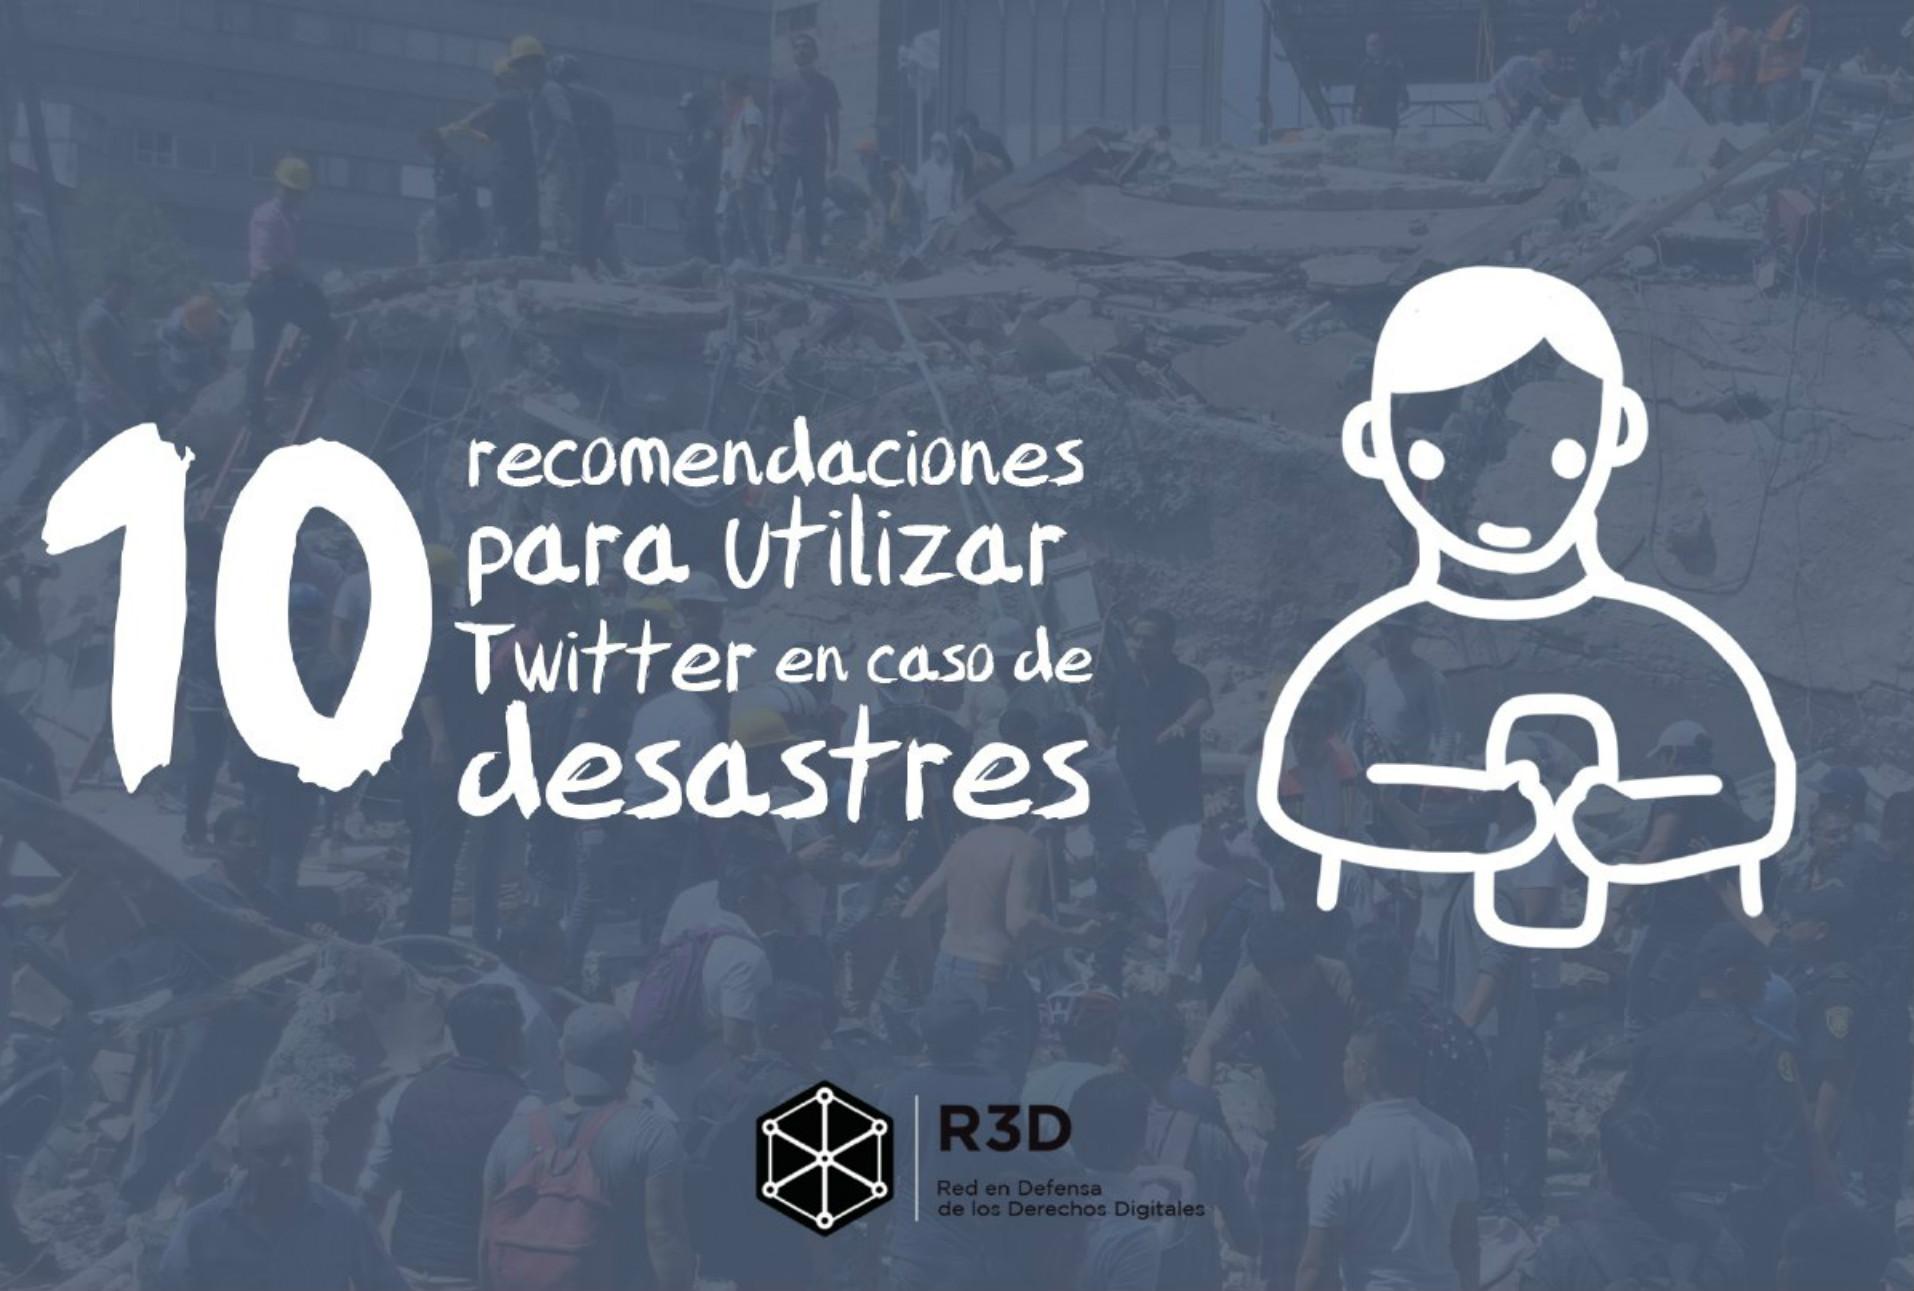 10 recomendaciones para utilizar Twitter en caso de desastres